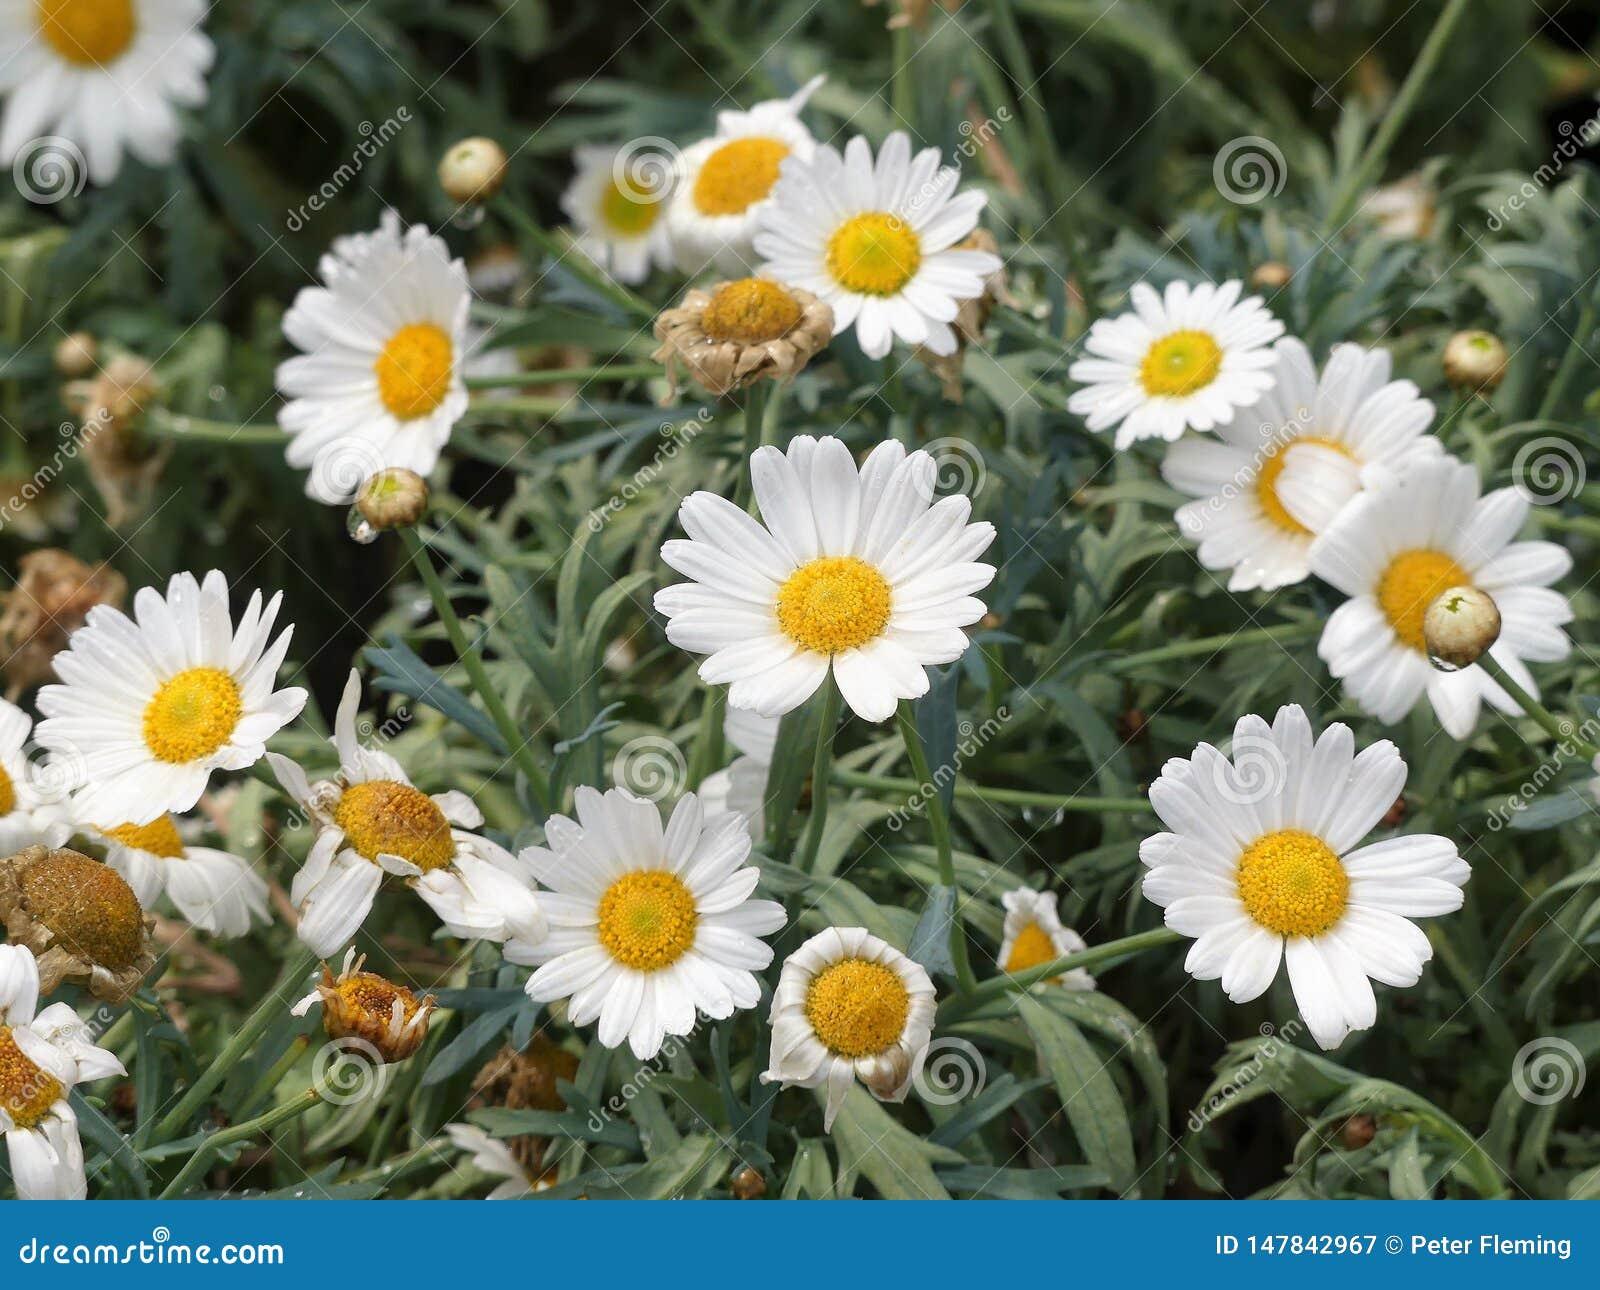 Schöne weiße Gänseblümchengänseblümchenblumen mit dem gelben Capitulum